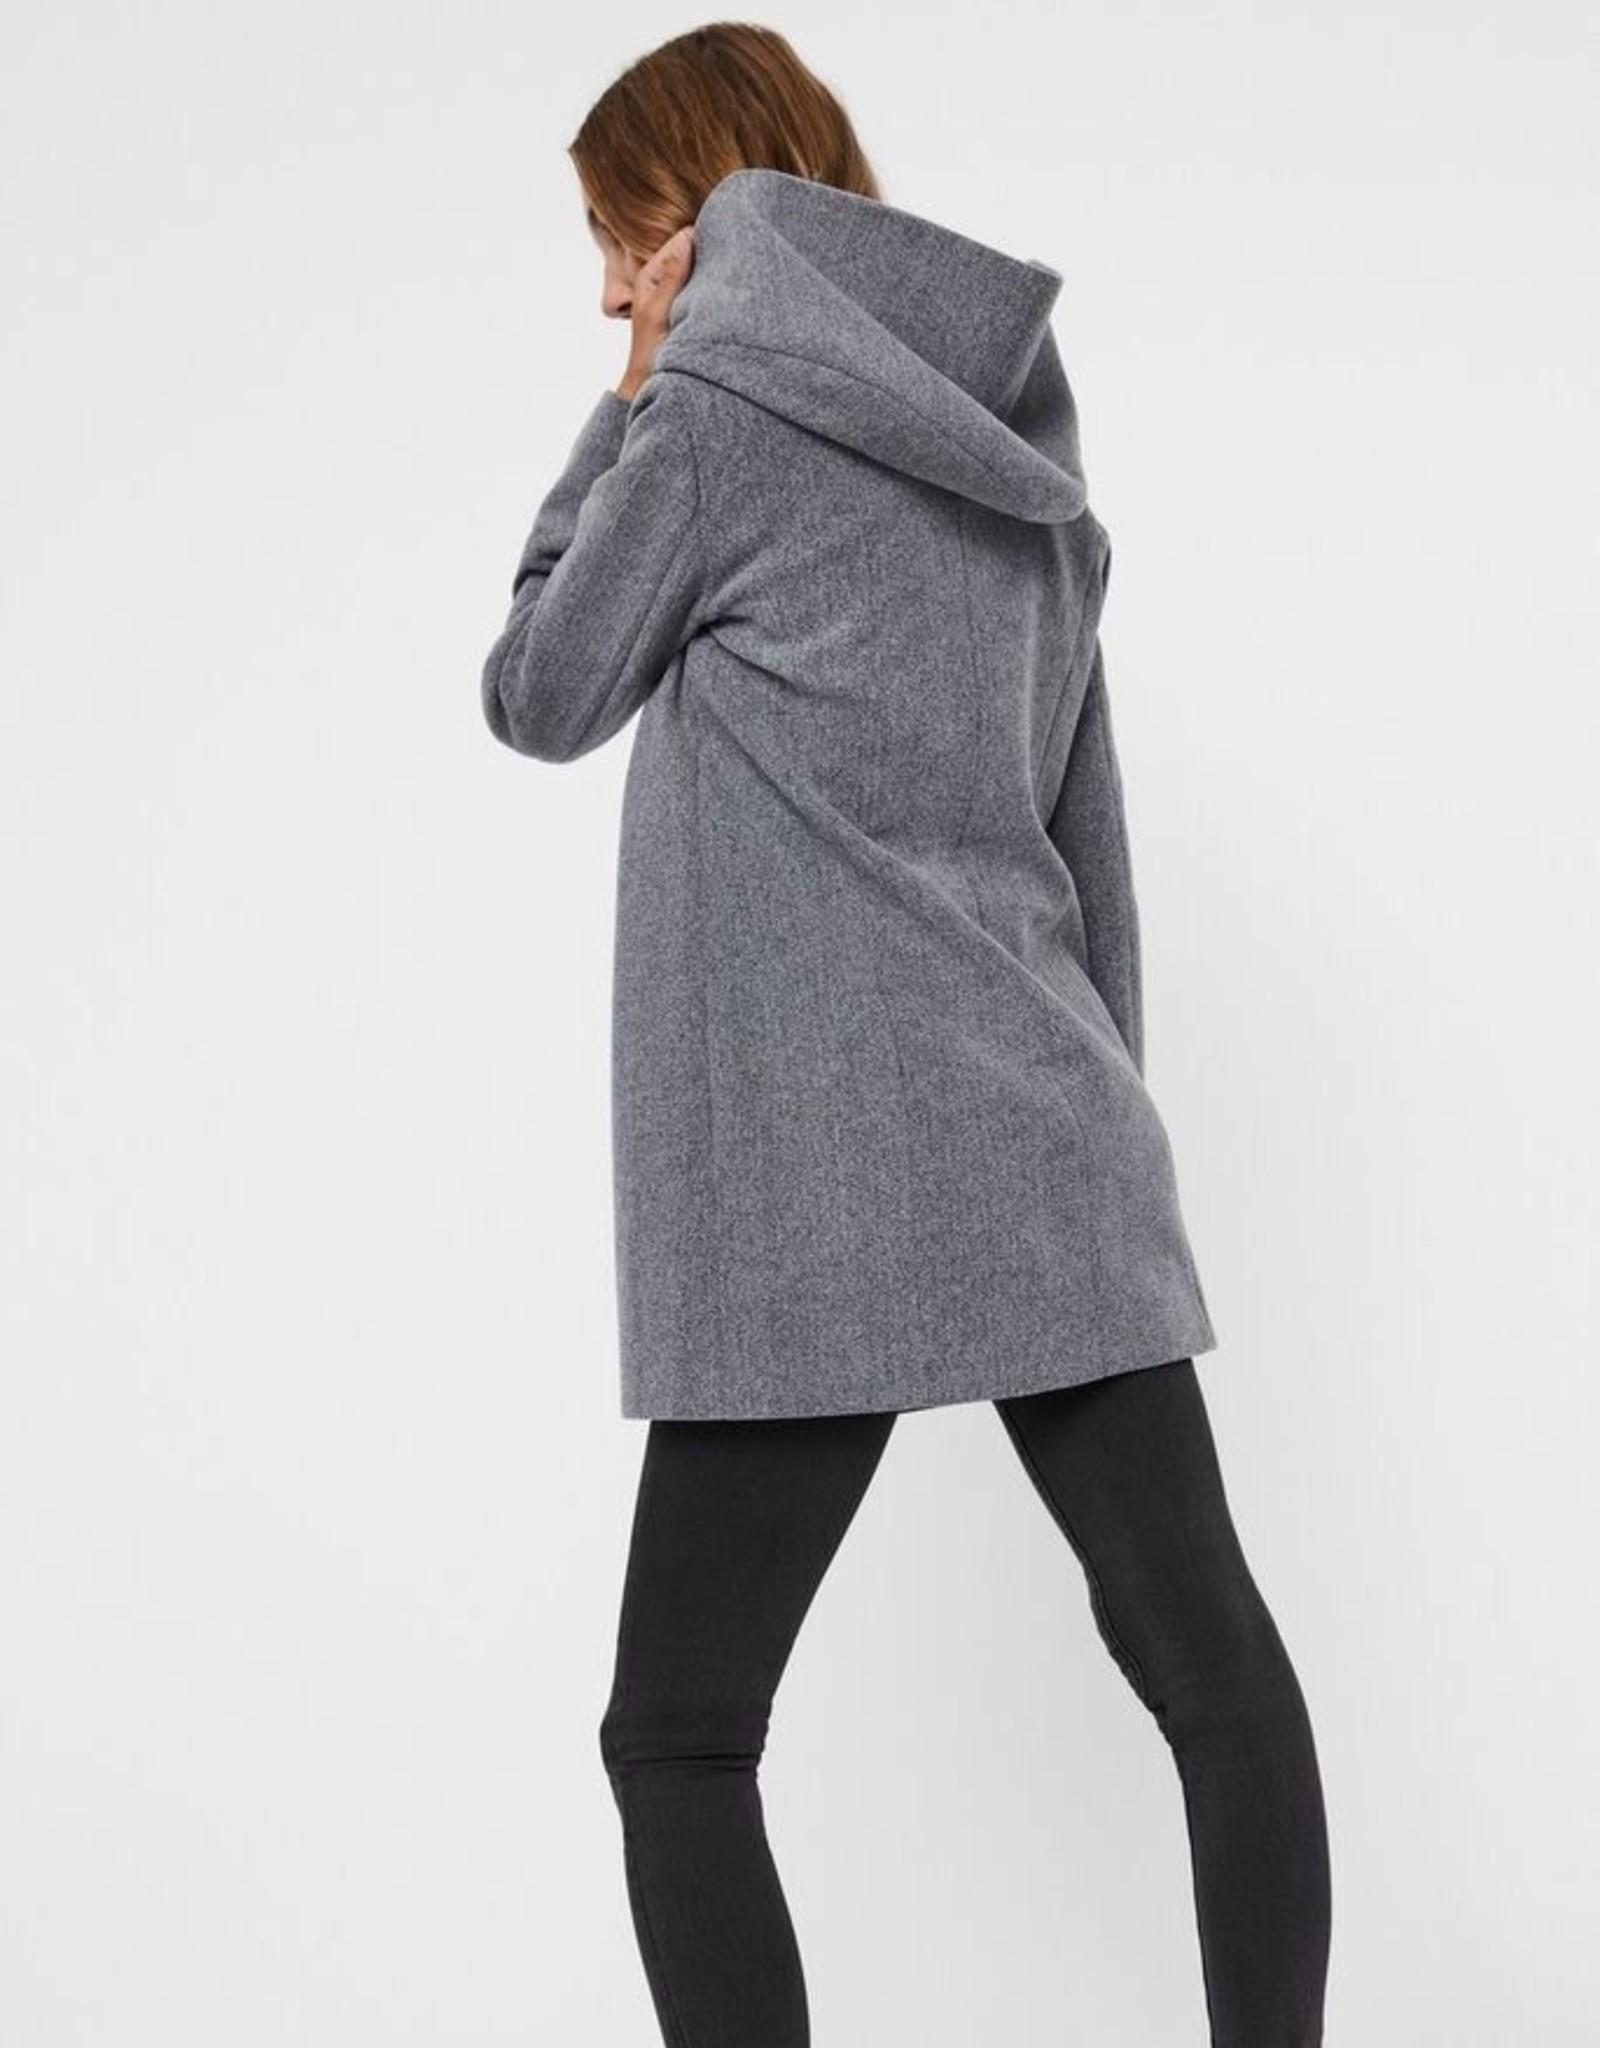 VERA MODA The Amy Hooded Jacket